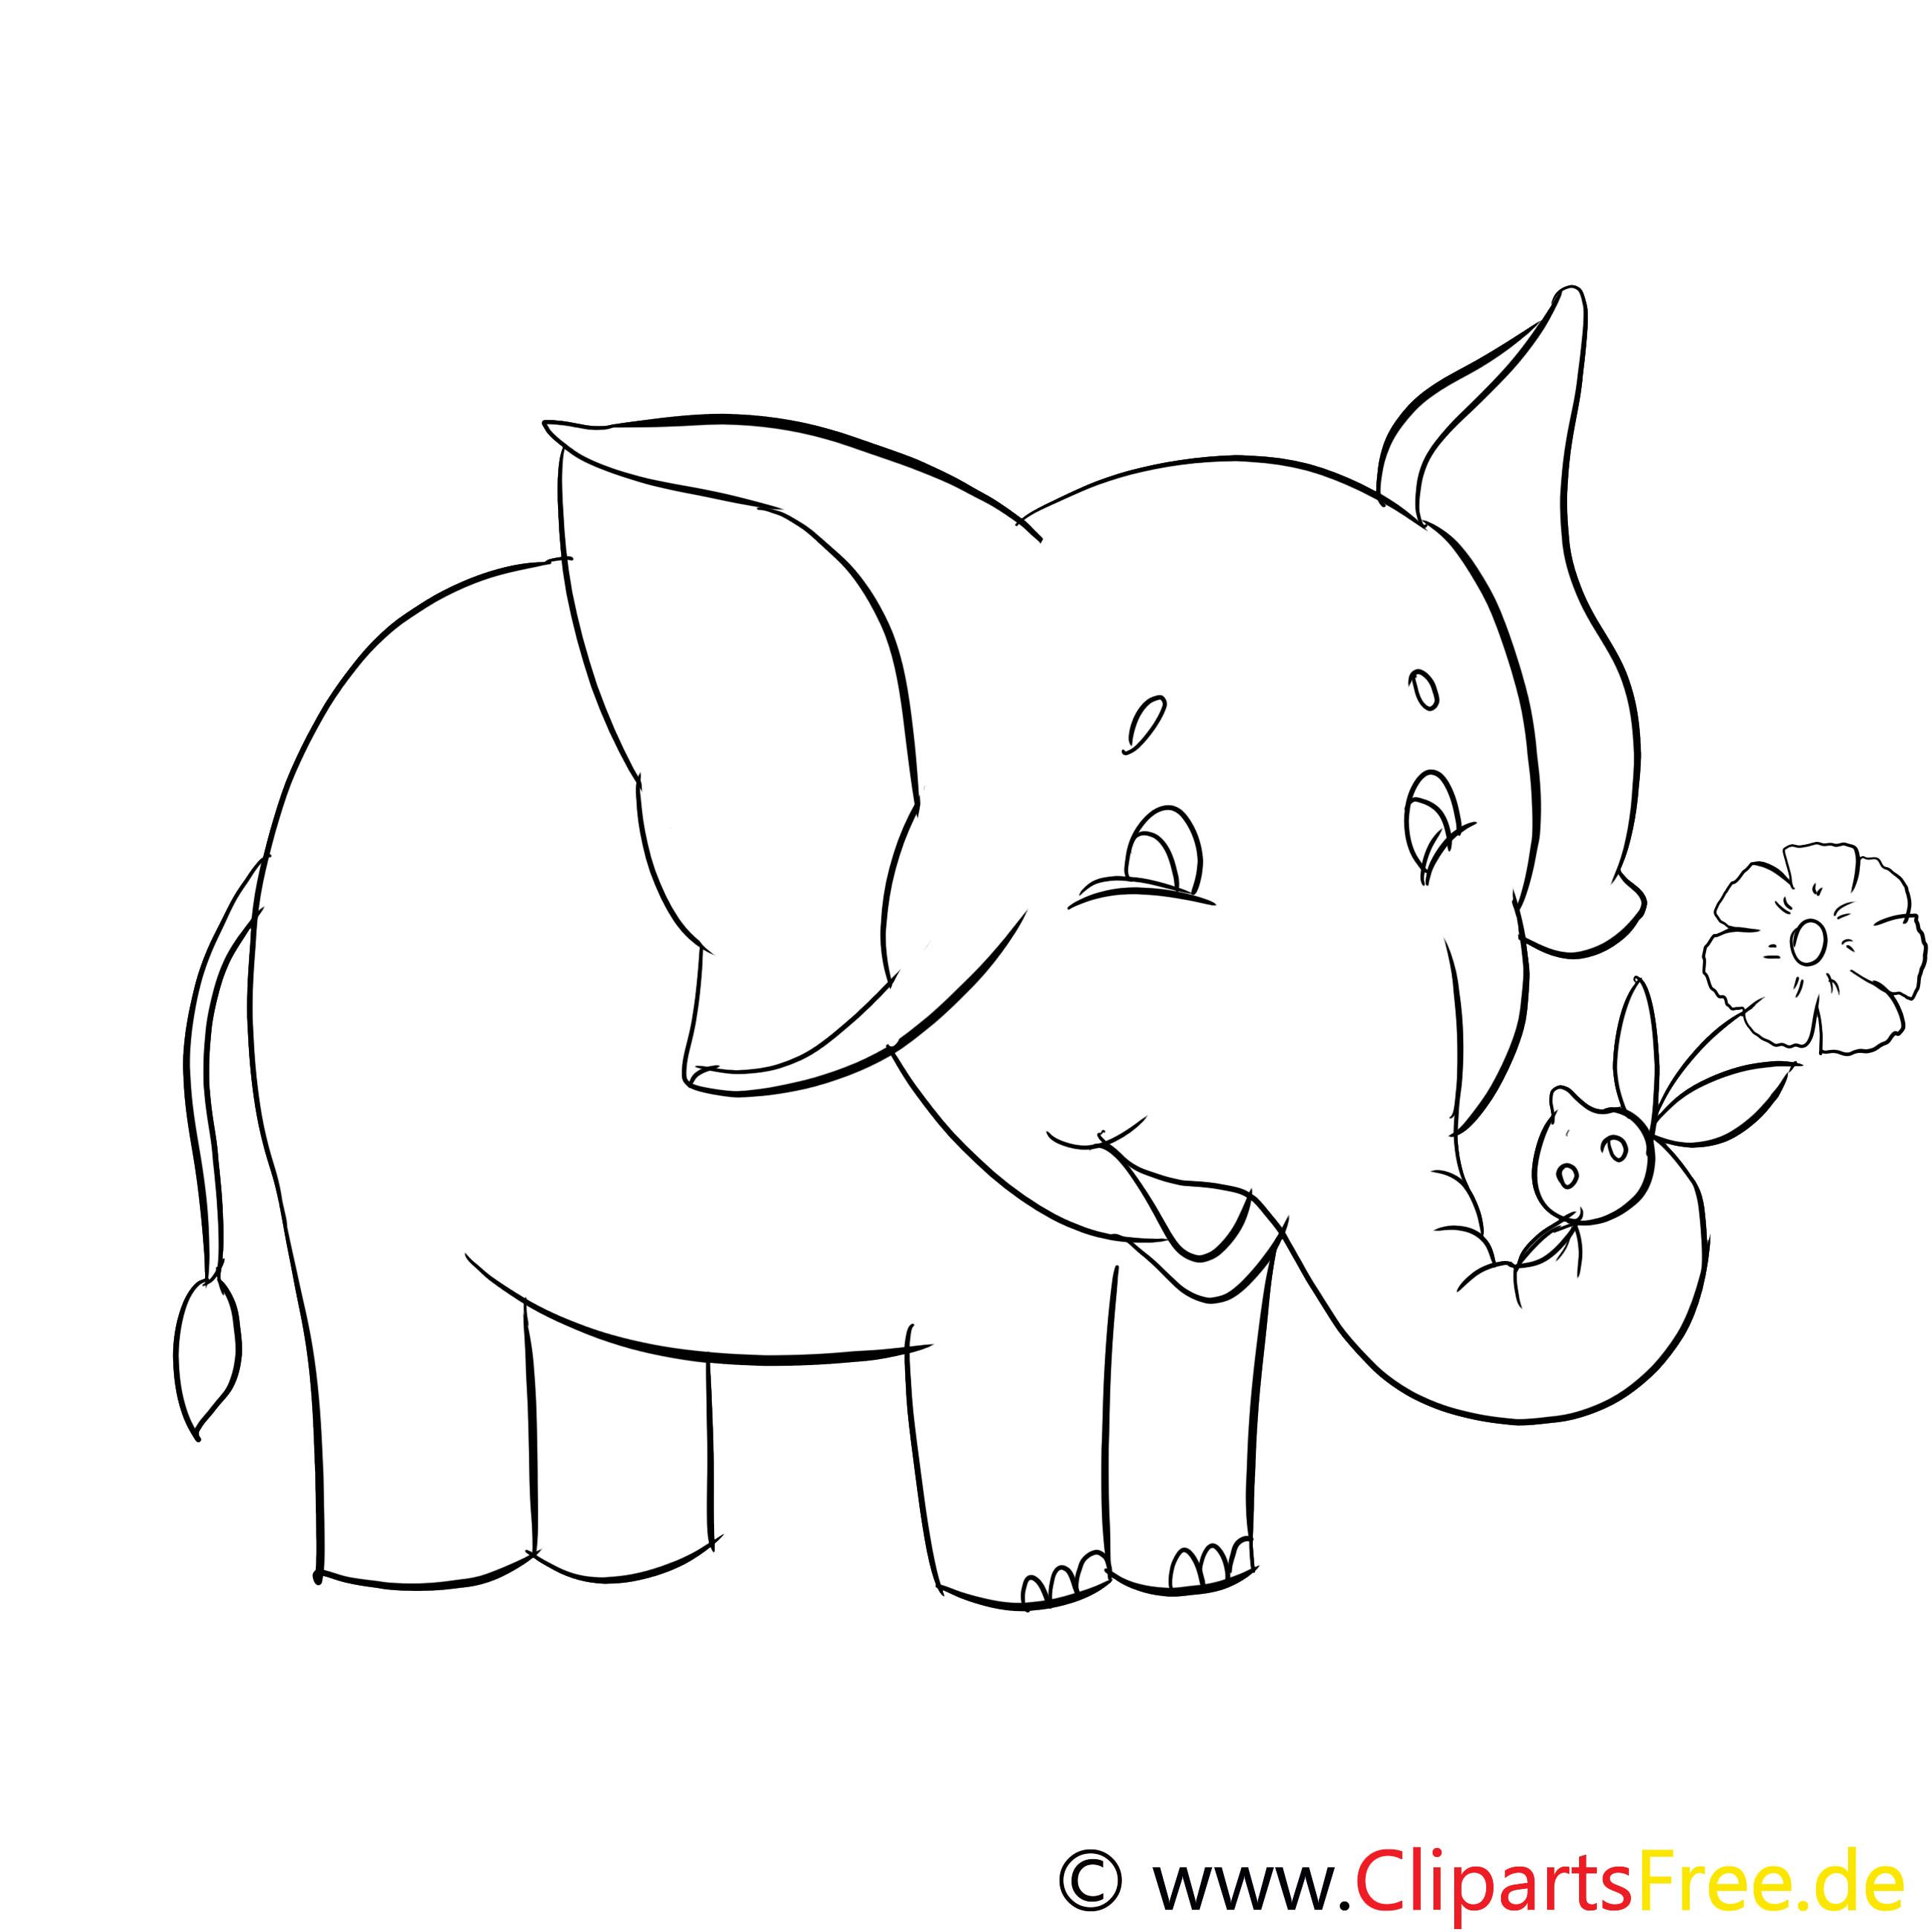 Ausmalbilder Tiere Zoo  Ausmalbilder Lustige Tiere im Zoo Elefant